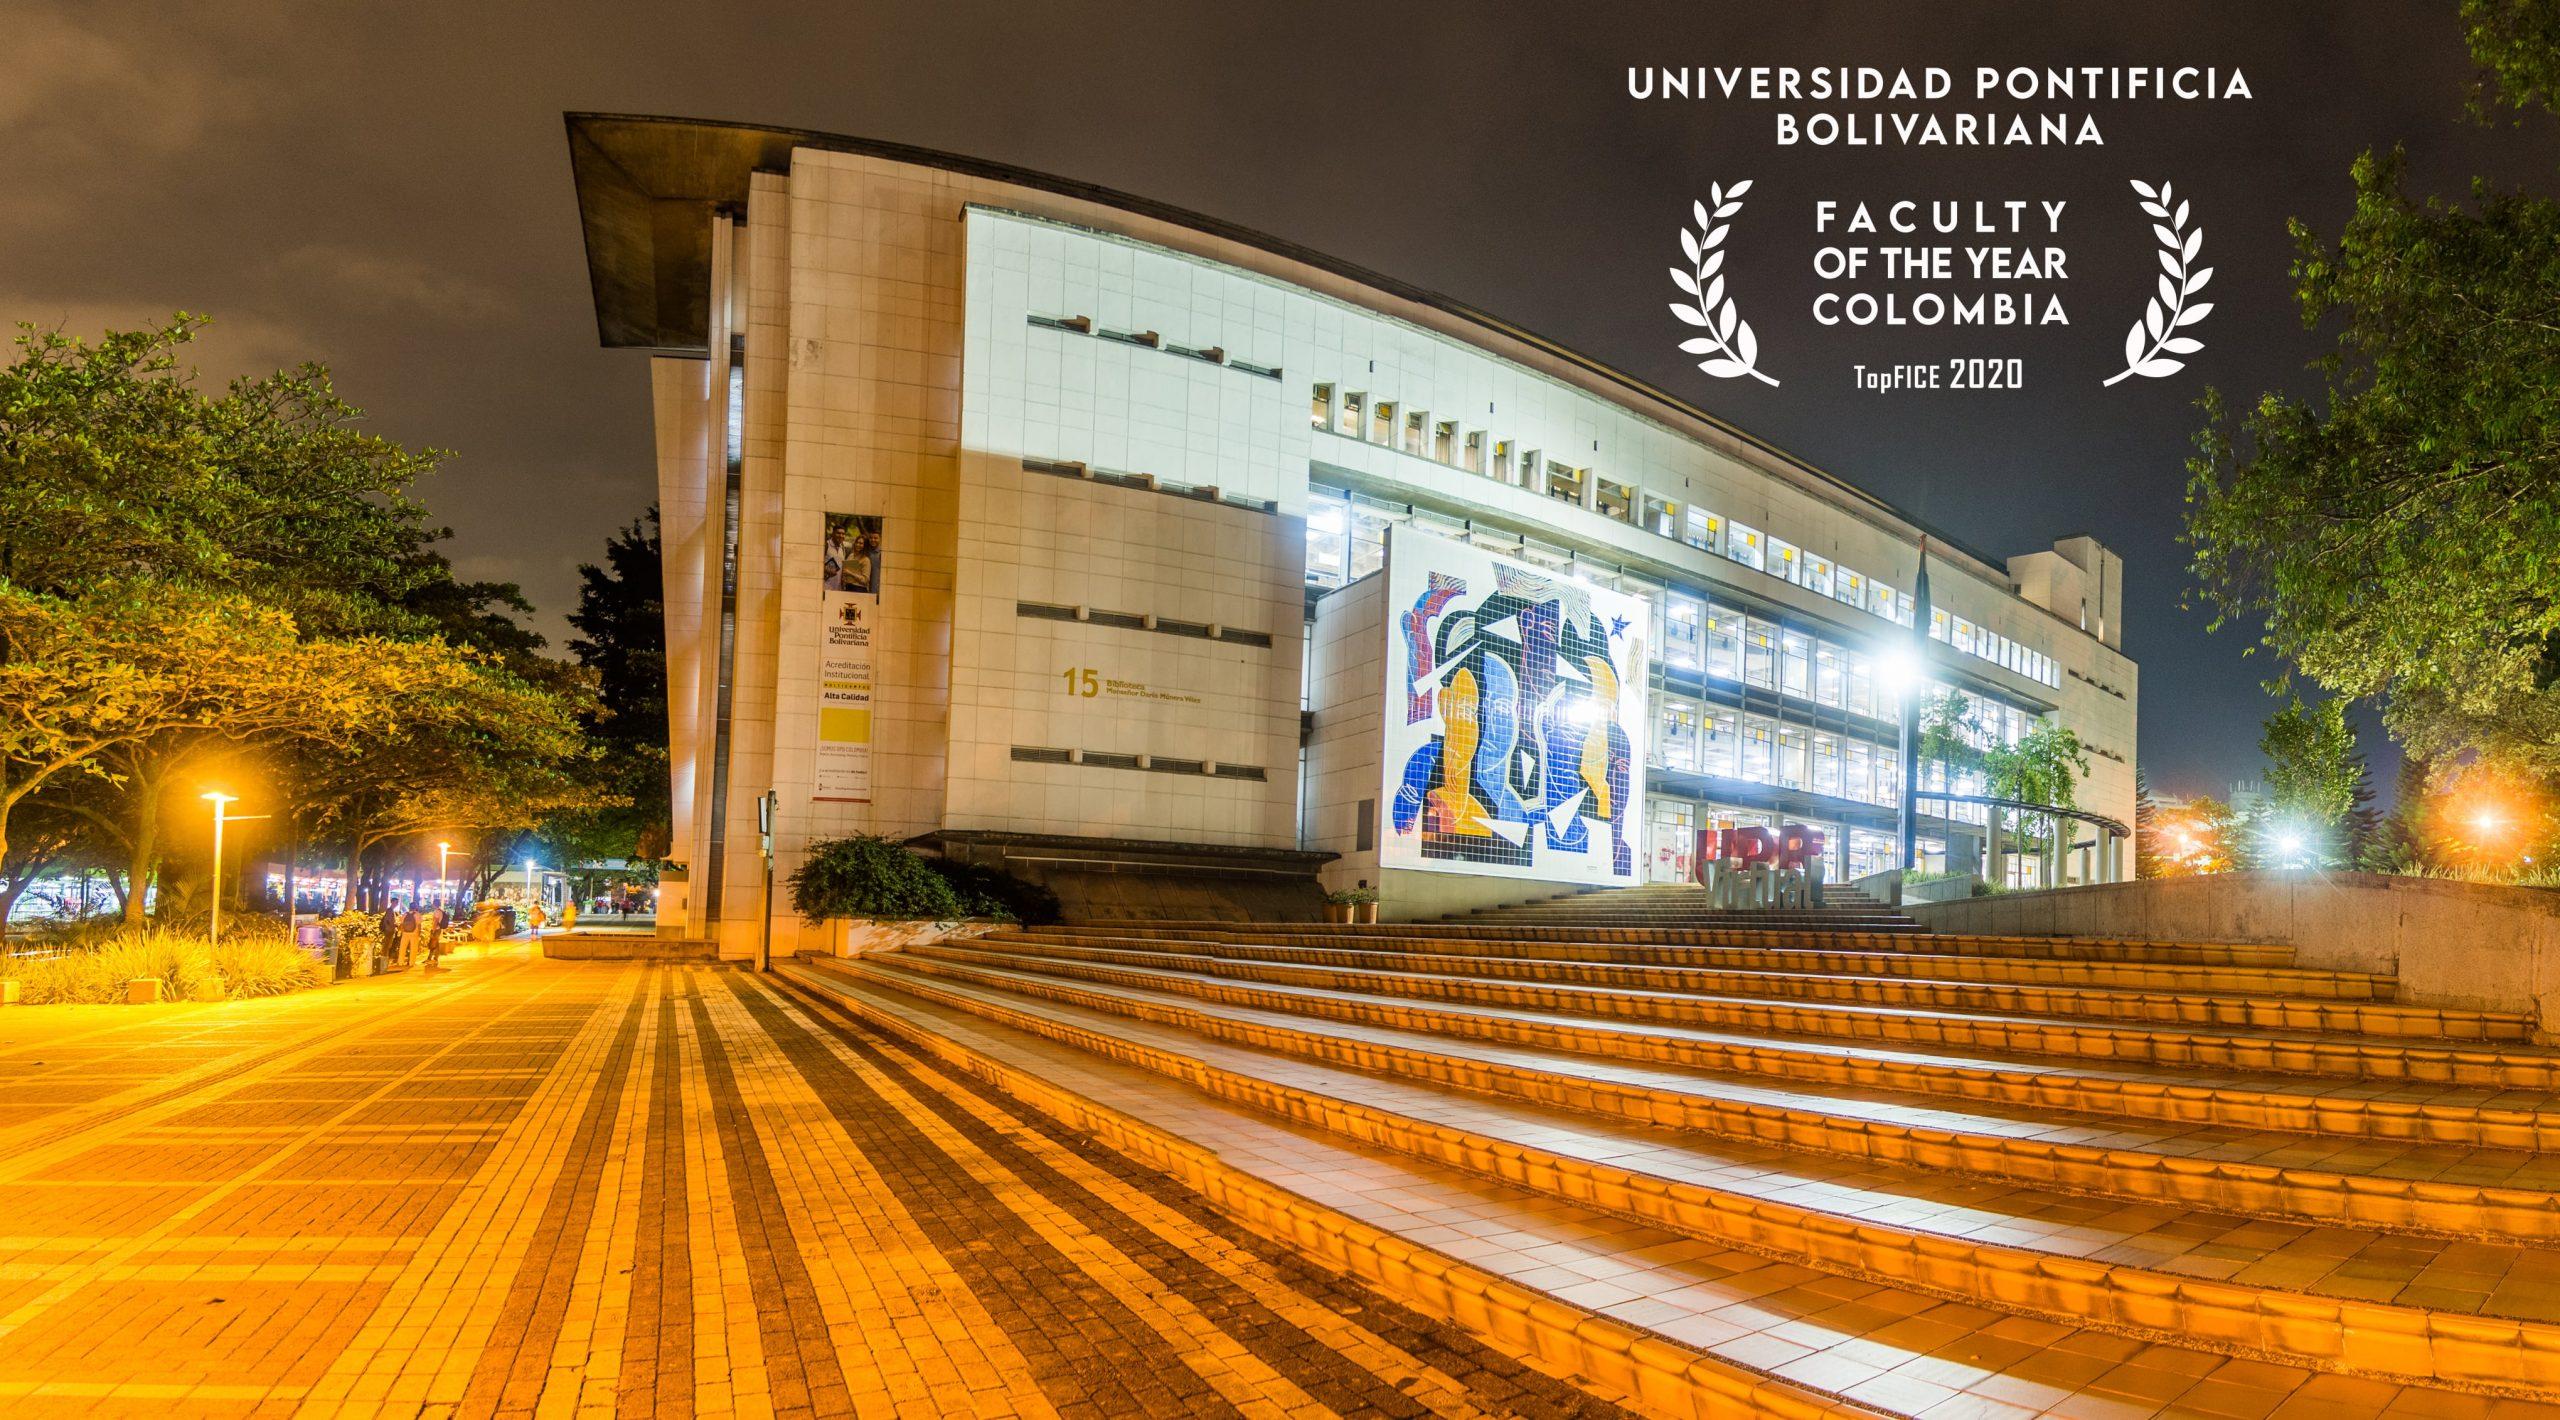 UPB: Facultad de publicidad del año en Colombia TopFICE 2020